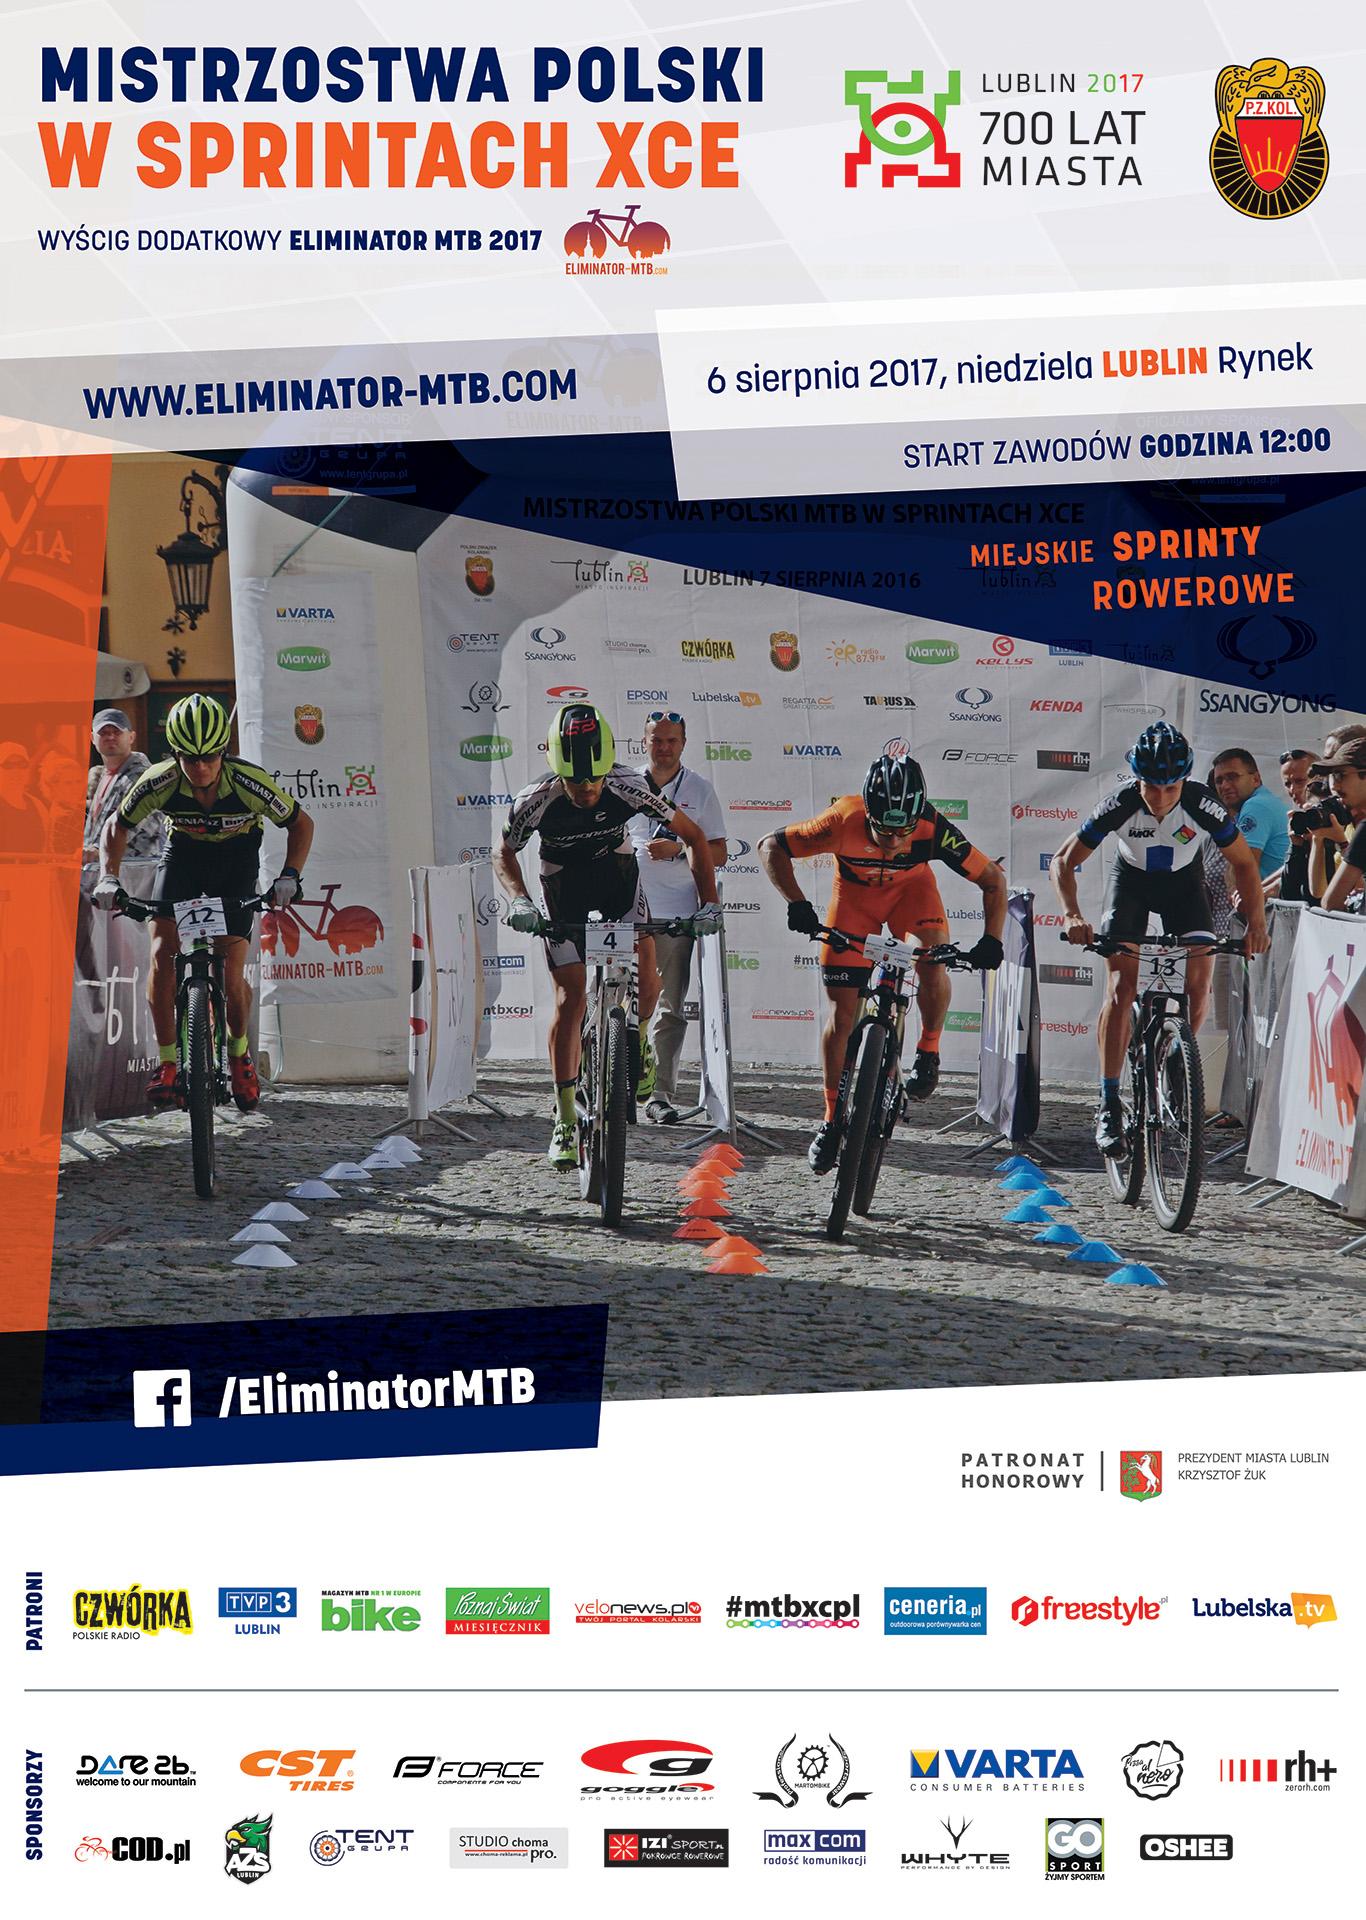 Mistrzostwa Polski MTB 2017 w Lublinie